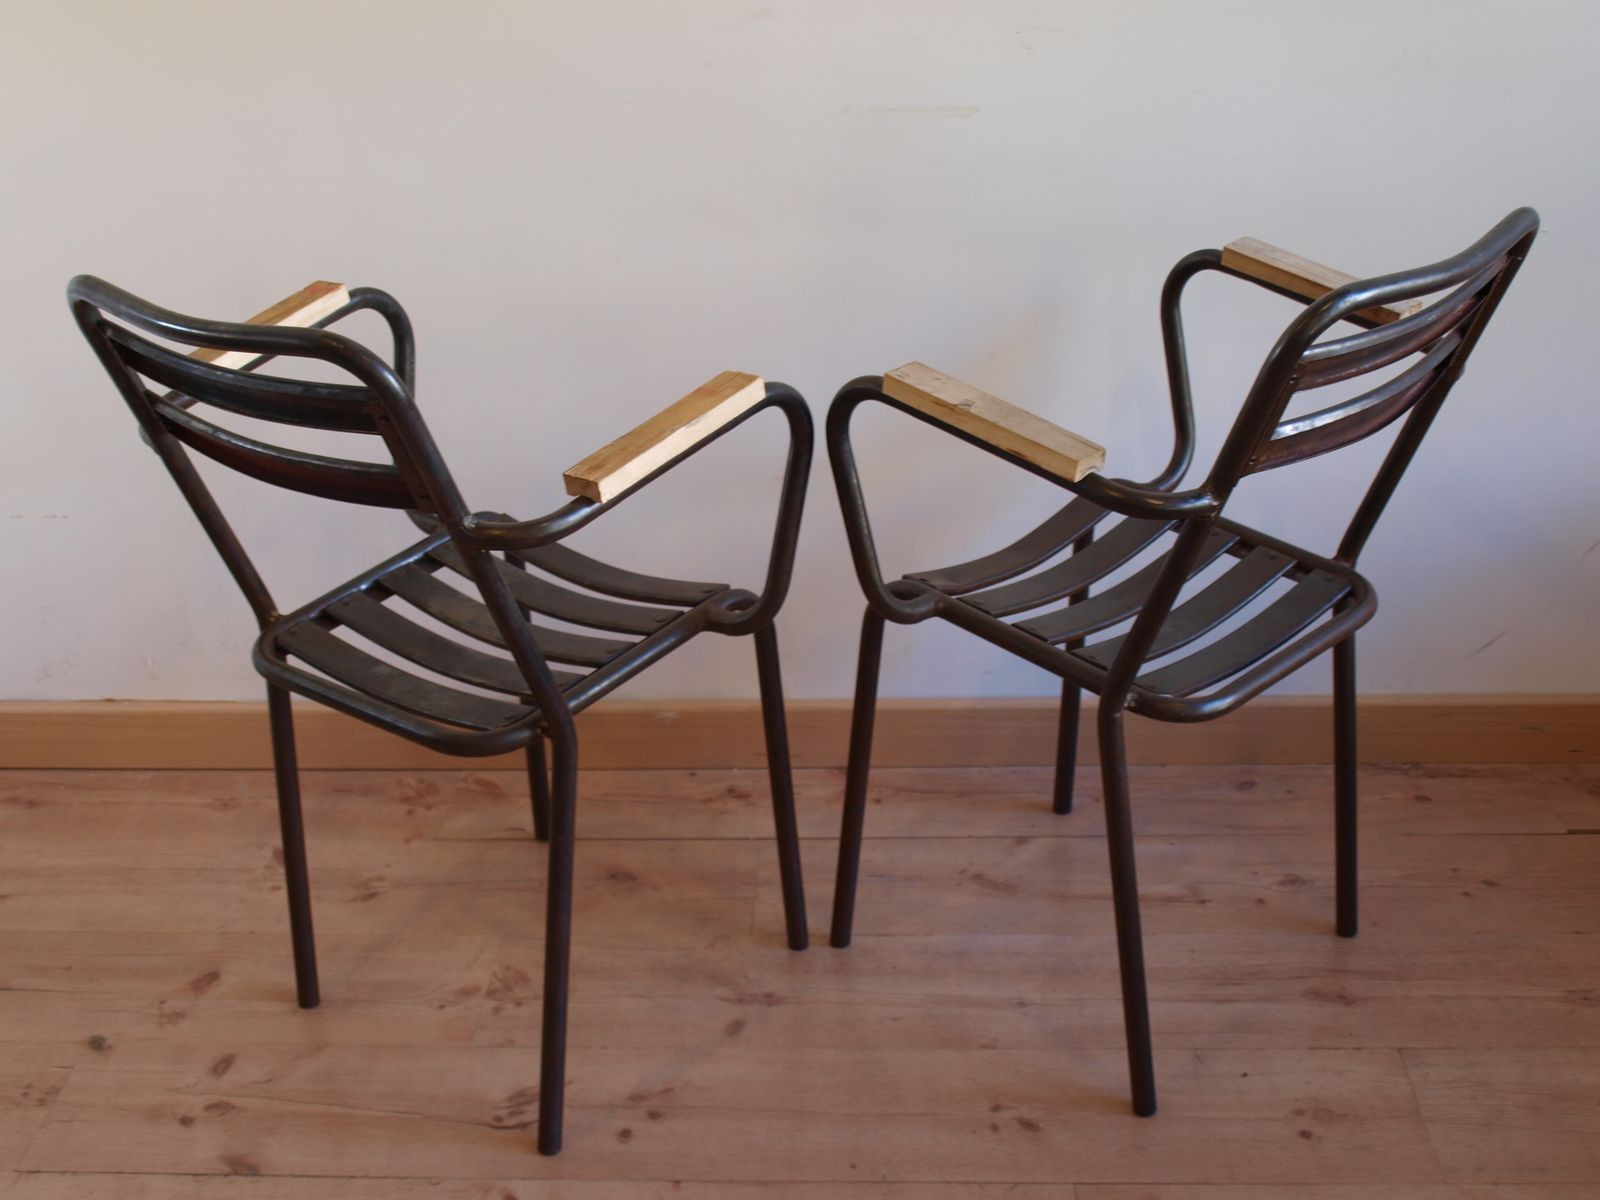 Atemberaubend Billige Küche Stühle Ideen - Ideen Für Die Küche ...